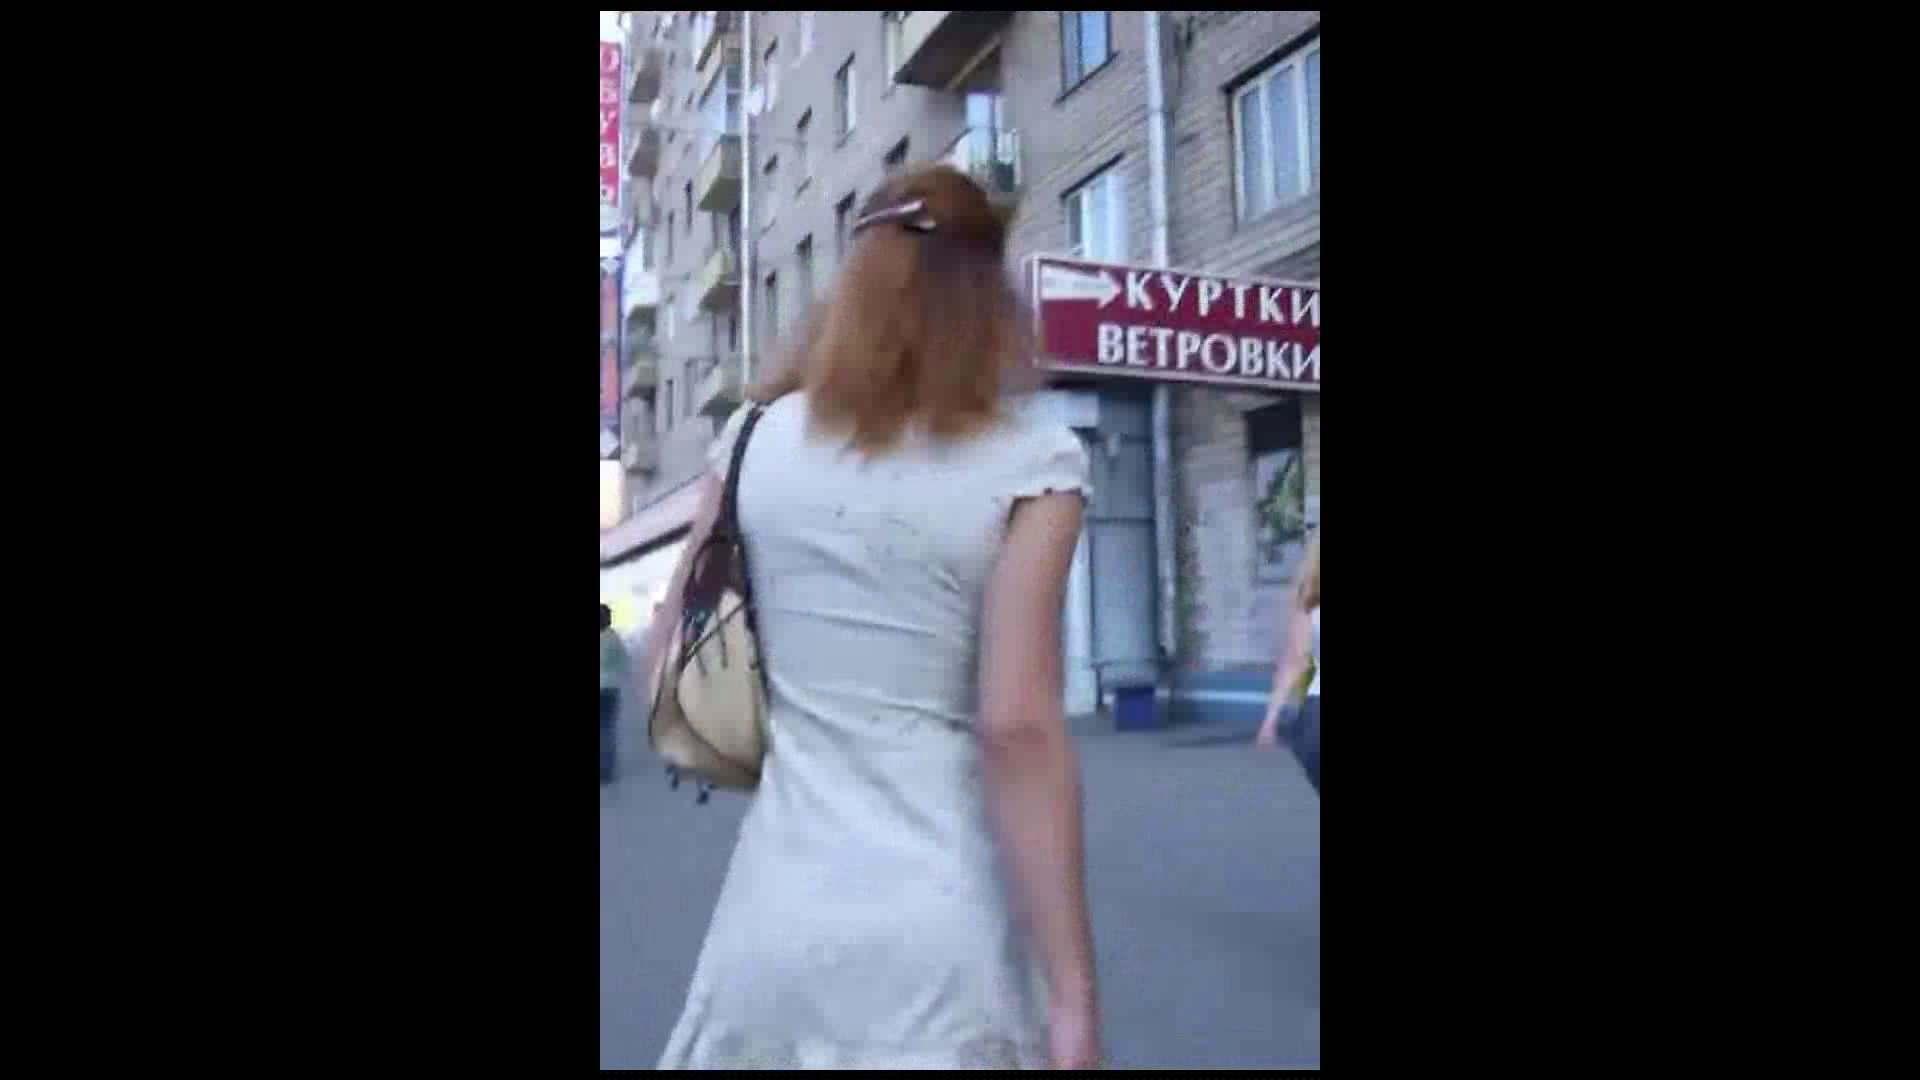 綺麗なモデルさんのスカート捲っちゃおう‼vol03 Hなお姉さん   HなOL  87pic 54